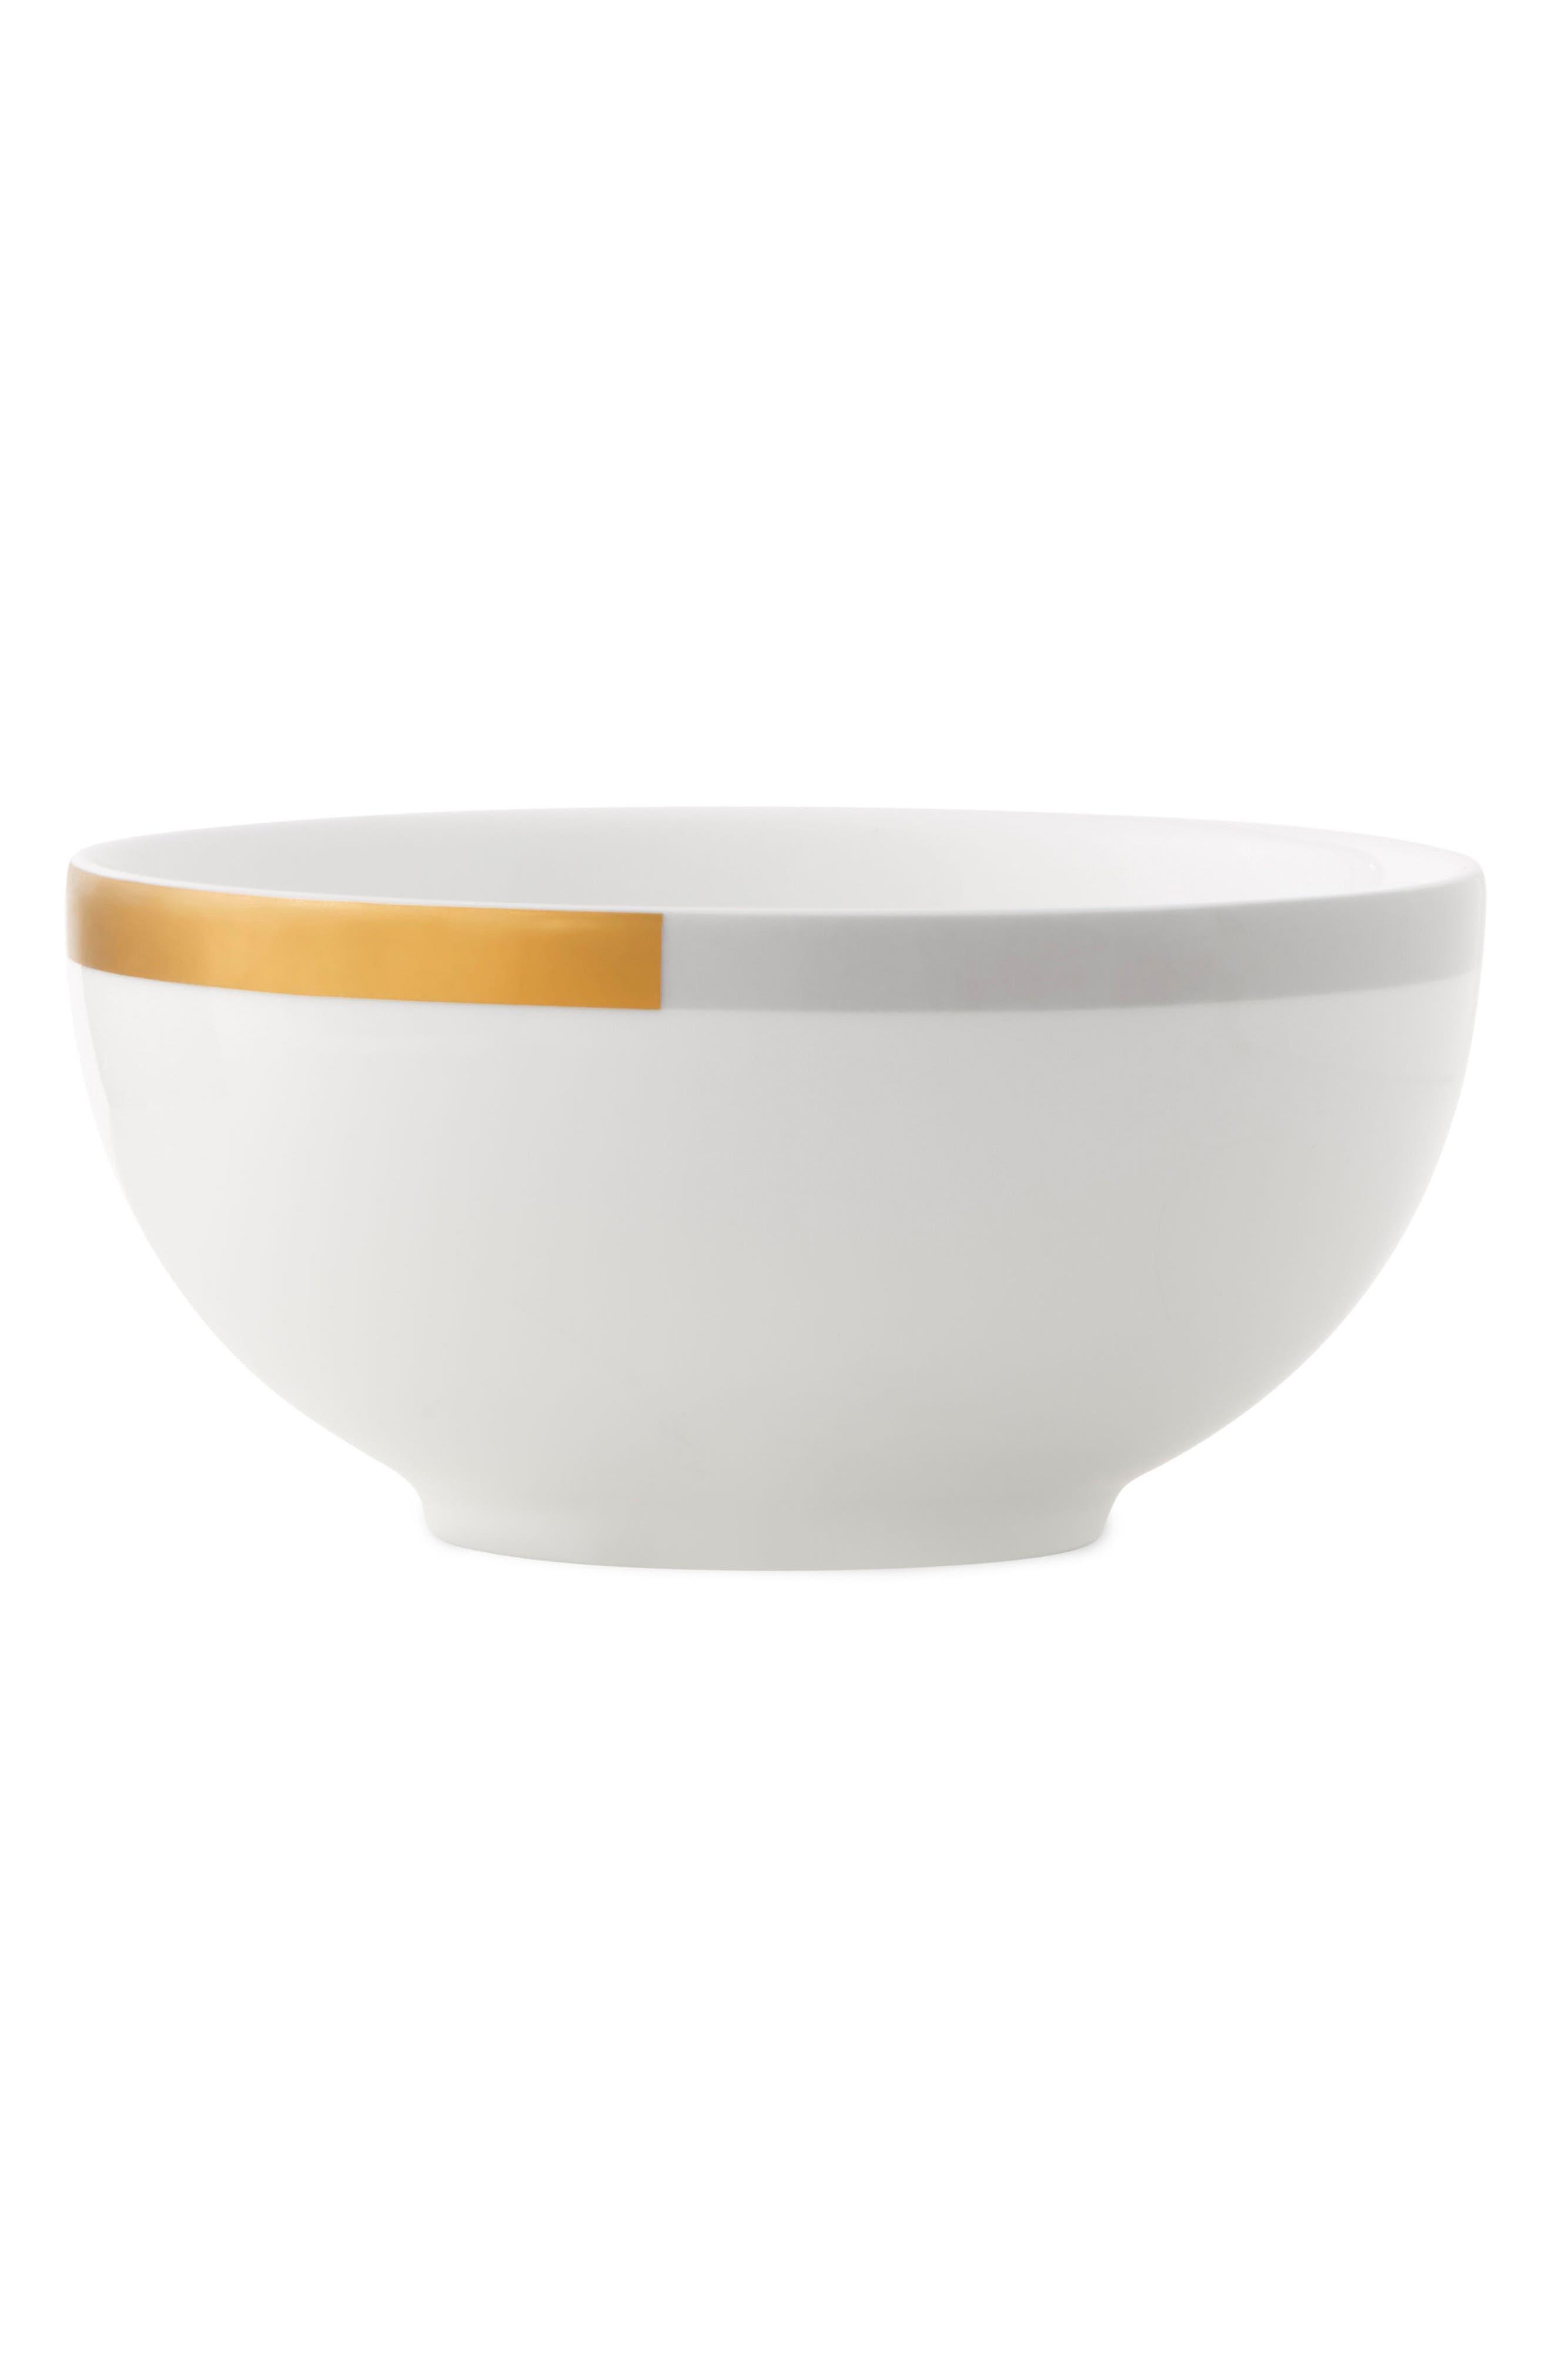 Vera Wang x Wedgwood Castillon Cereal Bowl